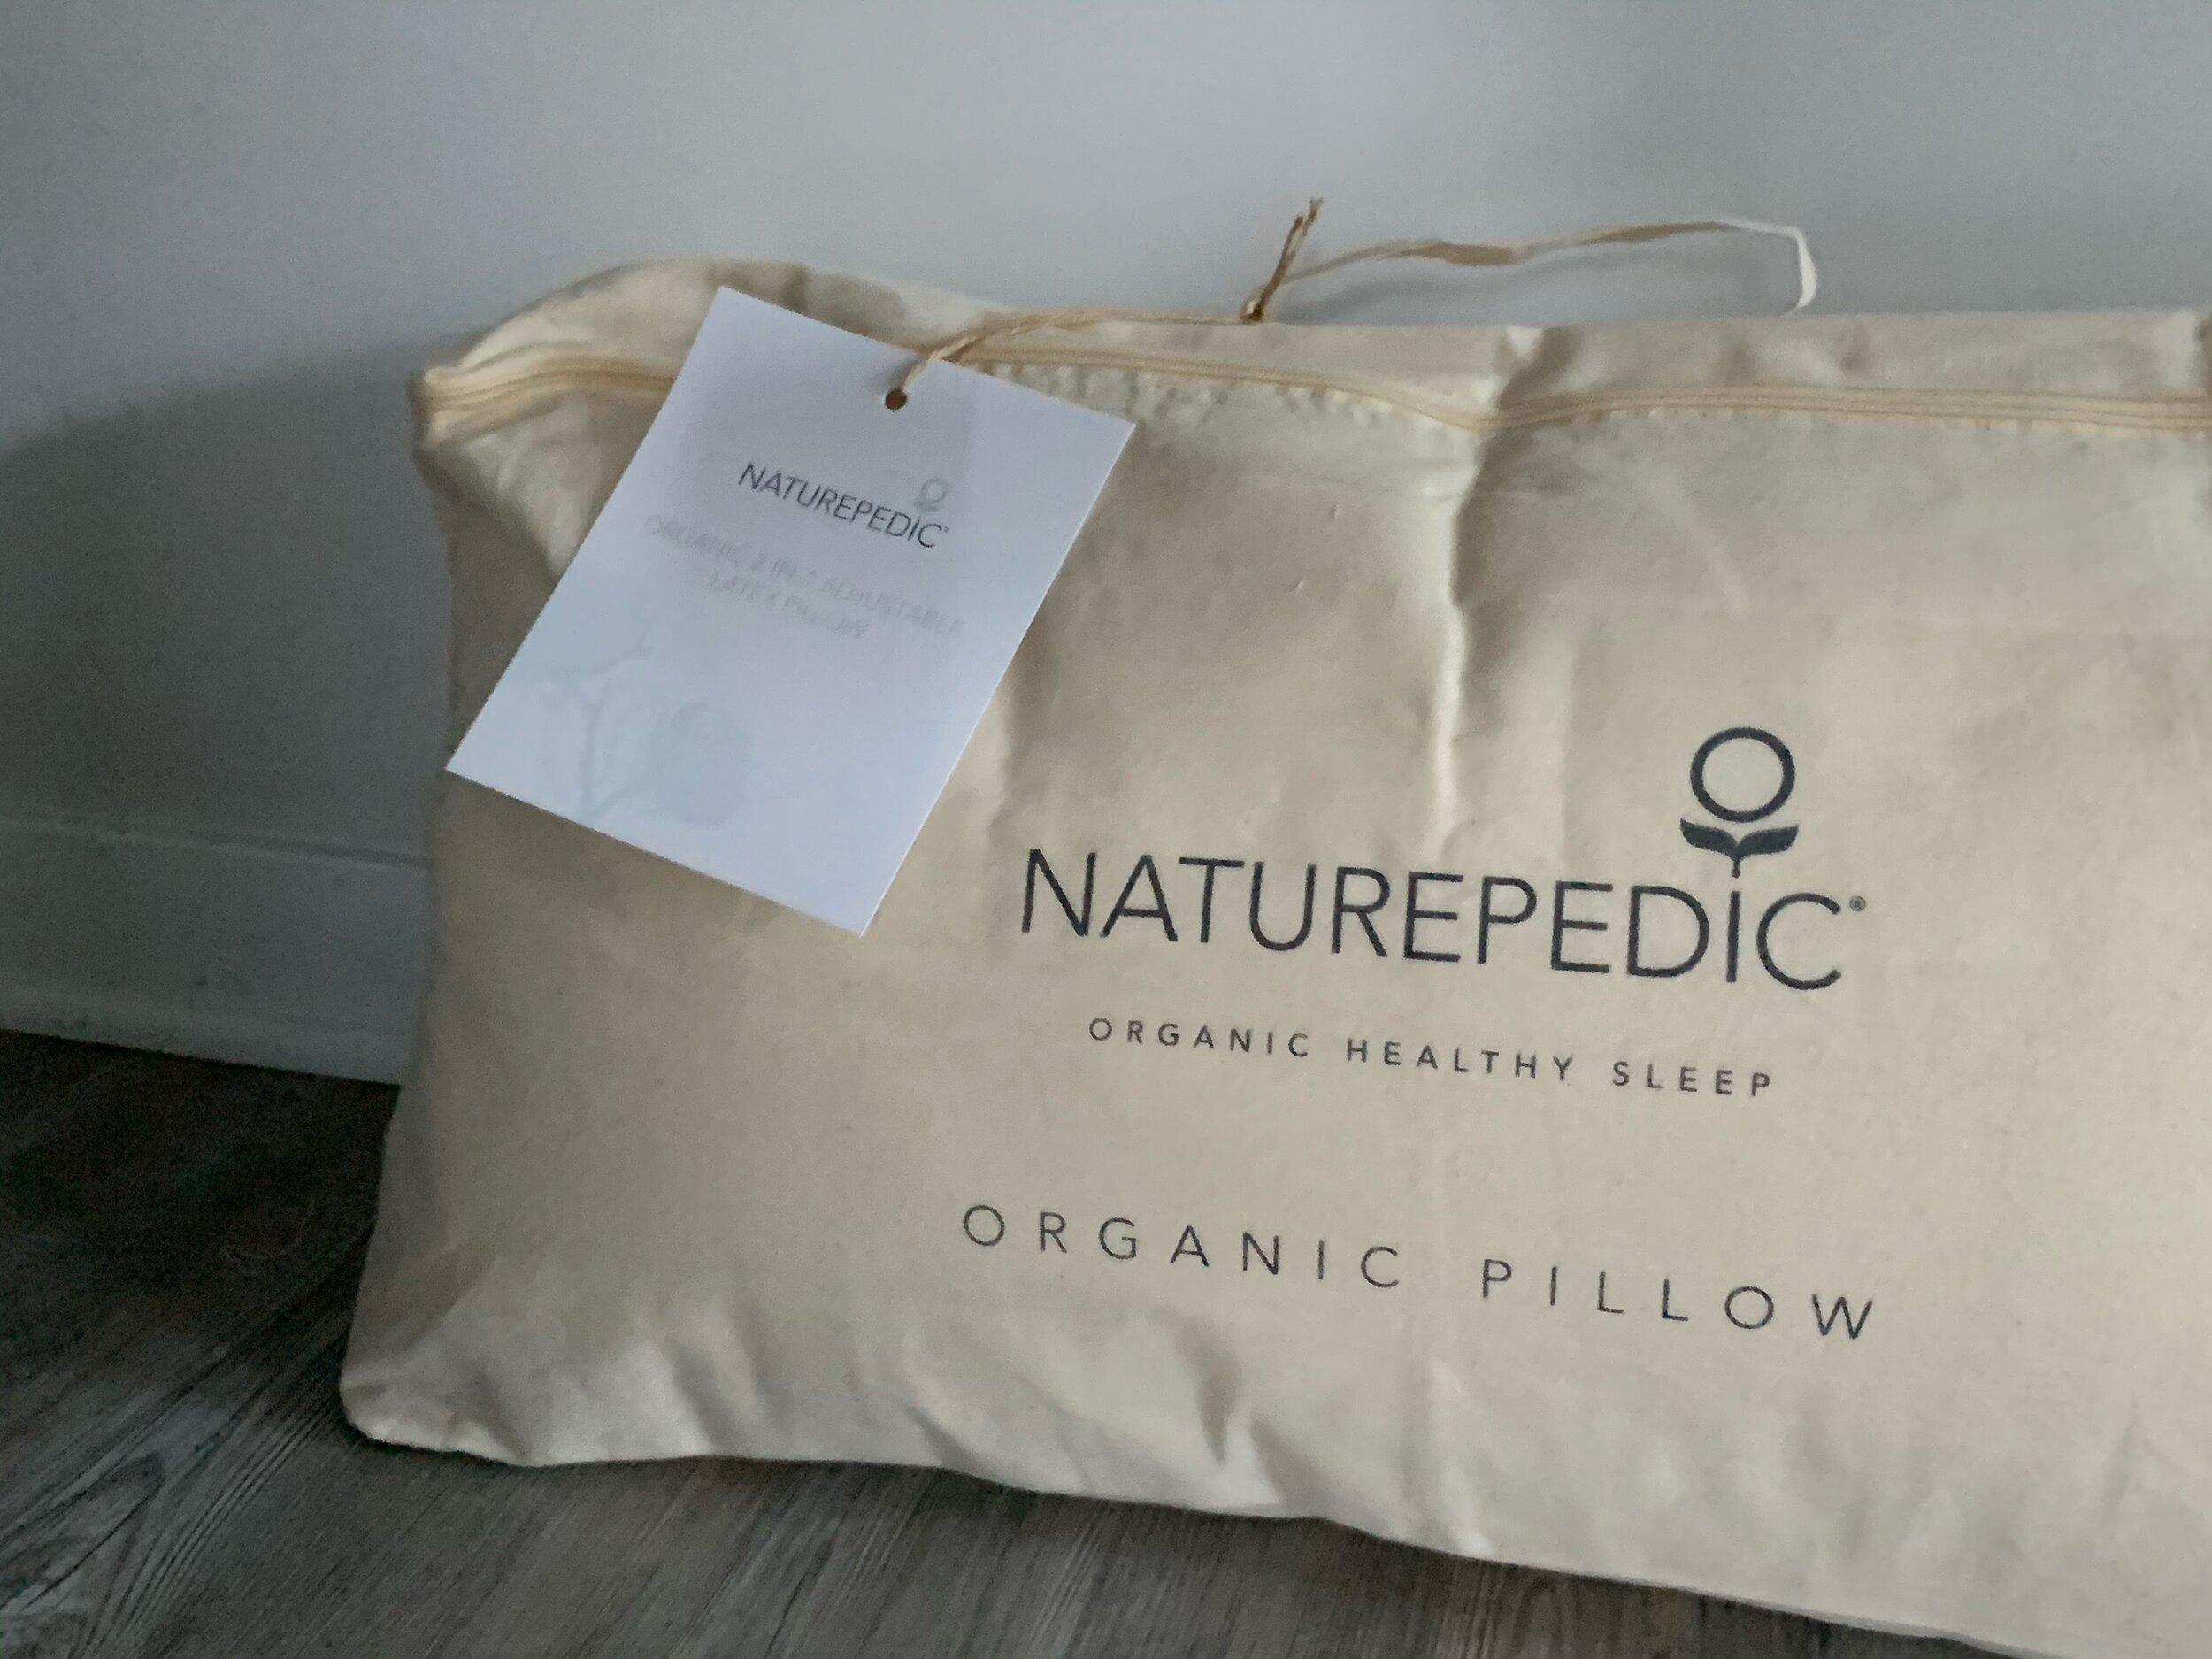 naturepedic organic 2 in 1 adjustable